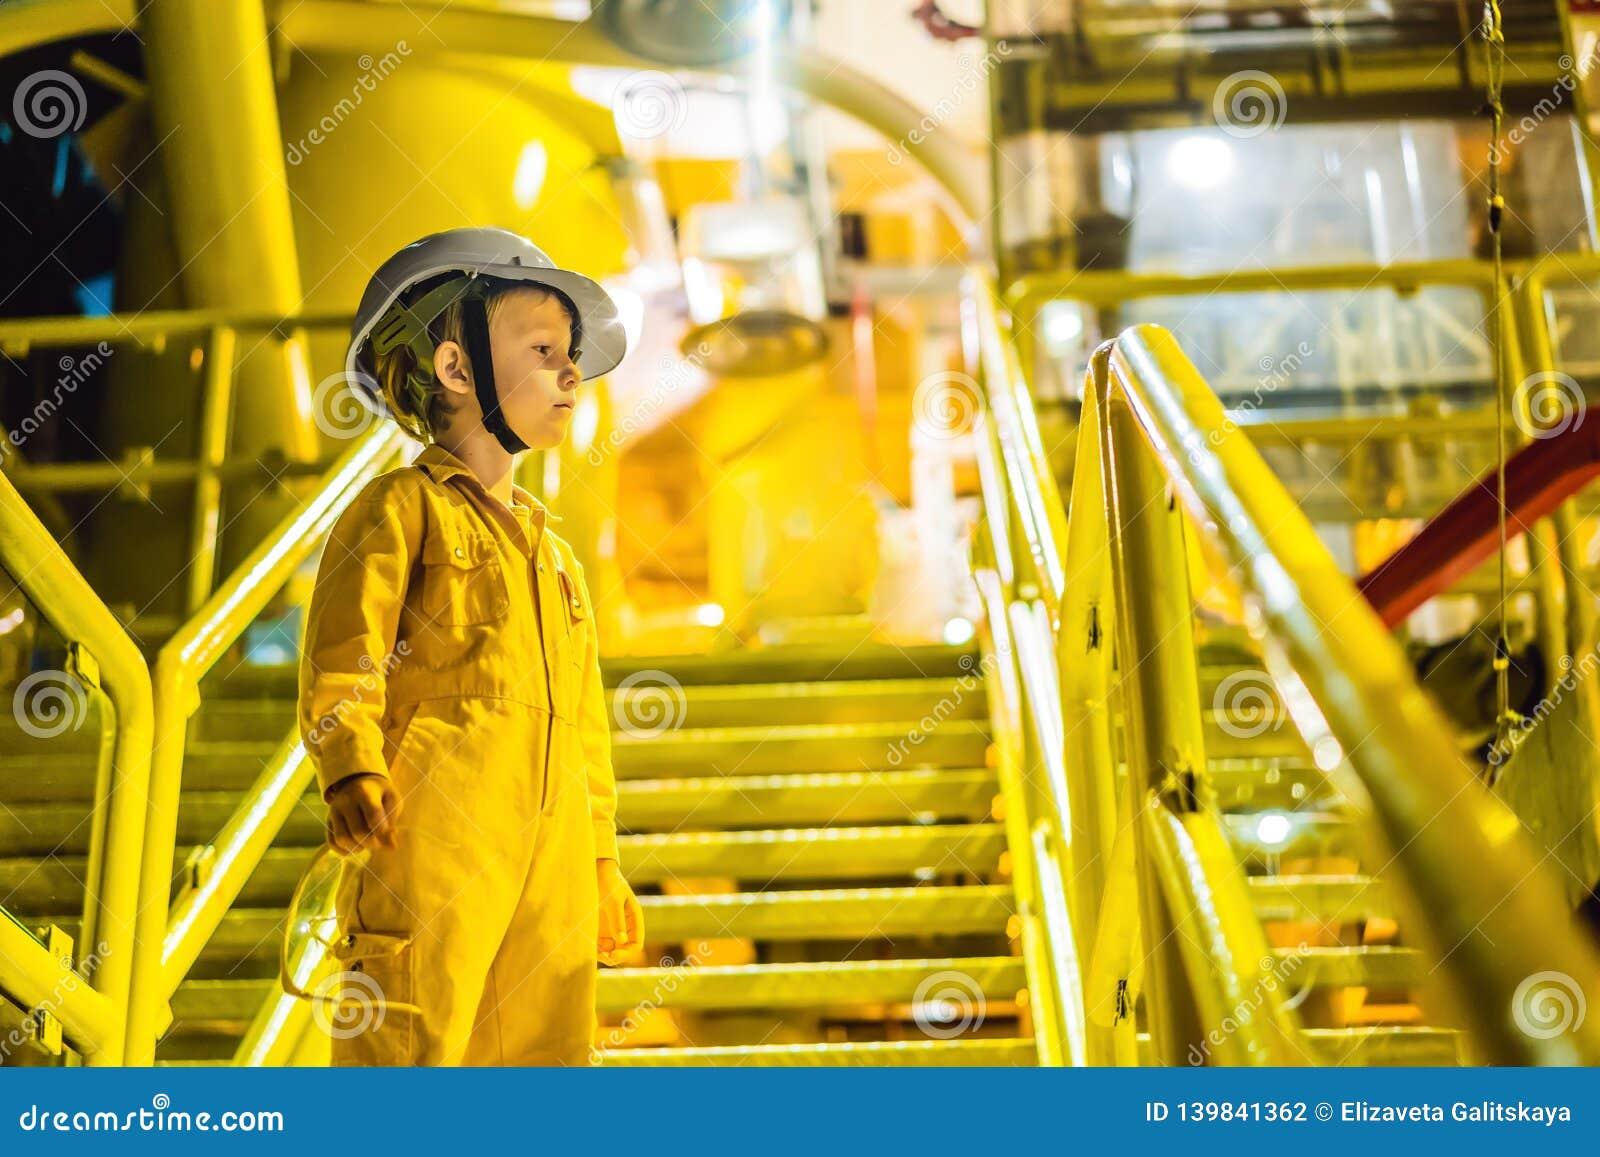 Jungenbetreiber-Aufnahmeoperation des Öl- und Gasprozesses am Öl und Anlagenanlage, Offshoreöl und Gasindustrie, in Küstennähe